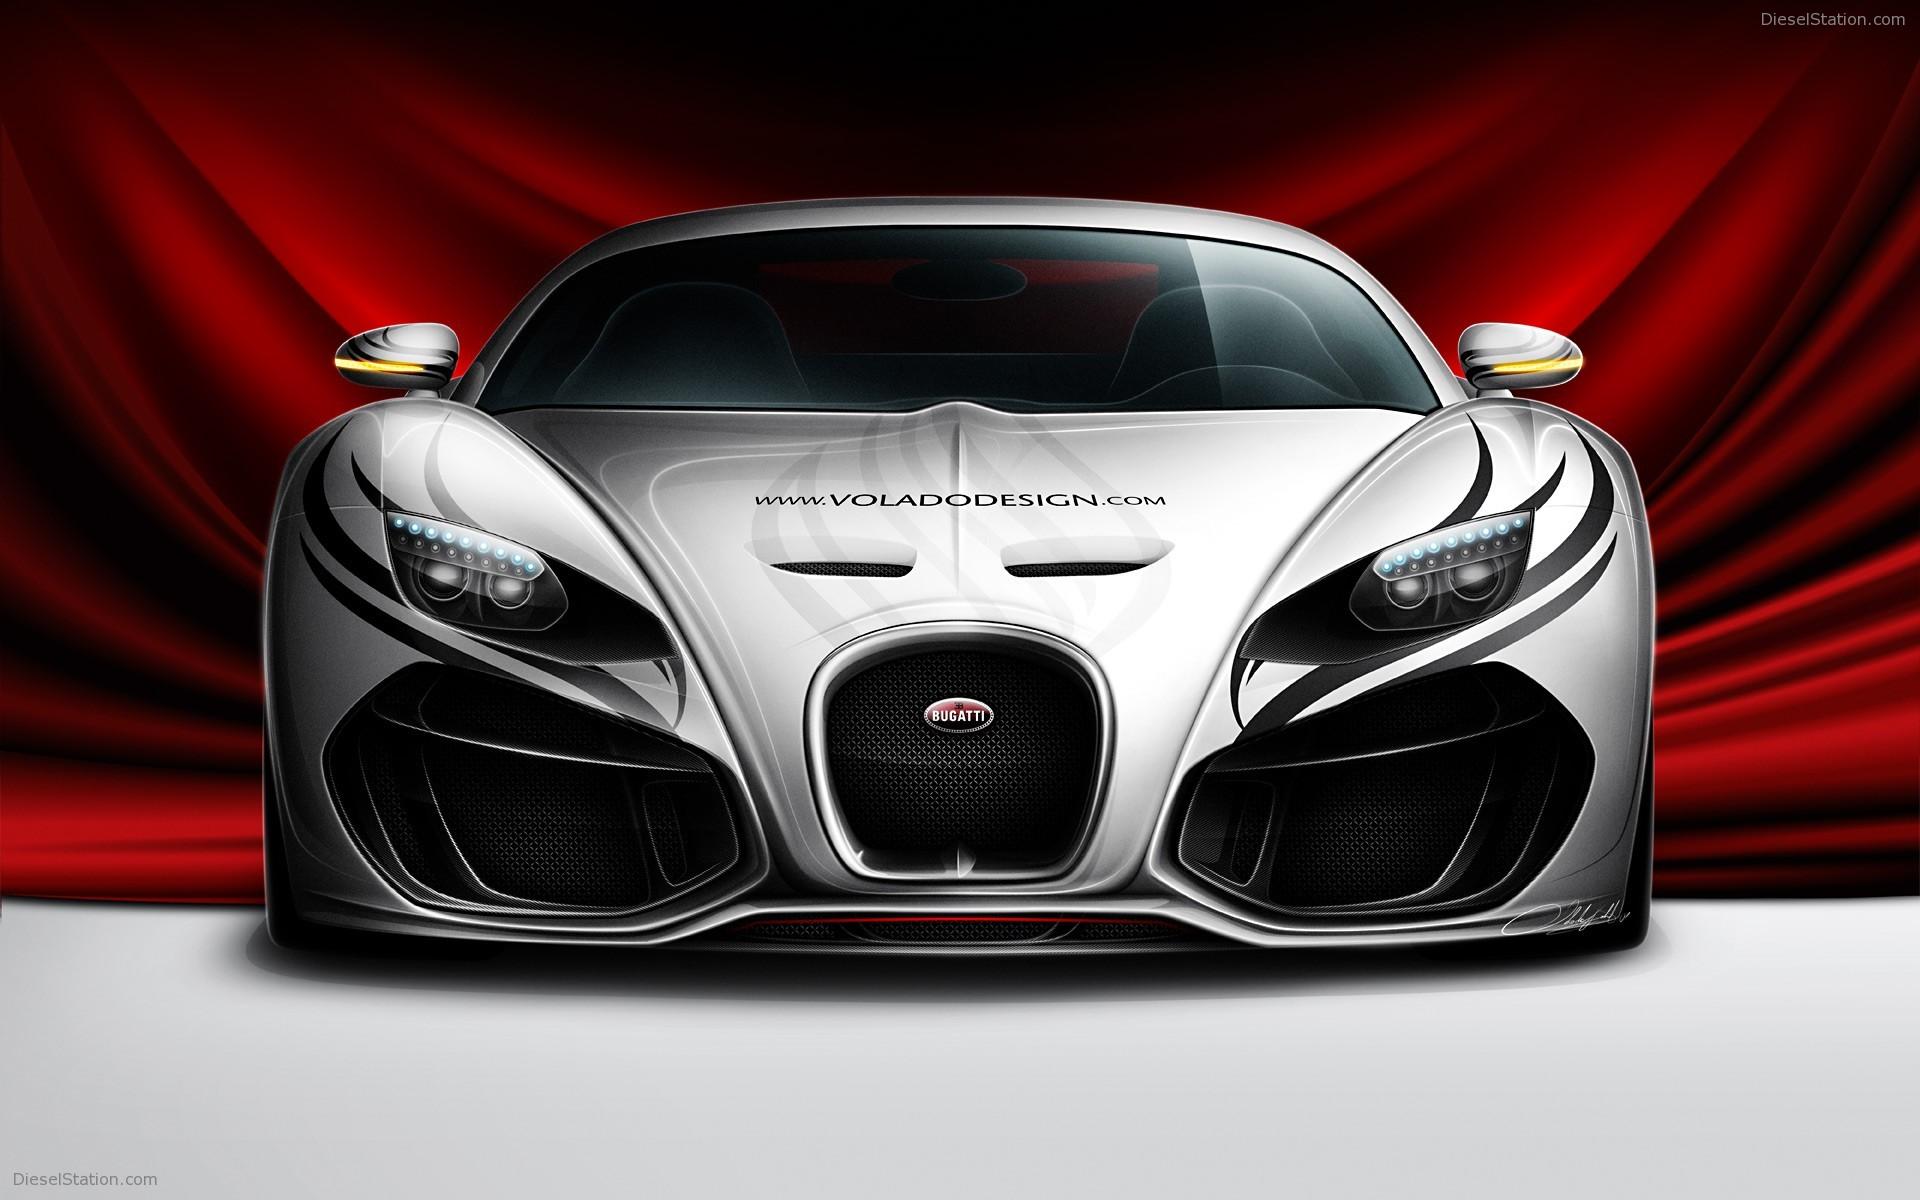 Bugatti Venom Concept by Volado Design